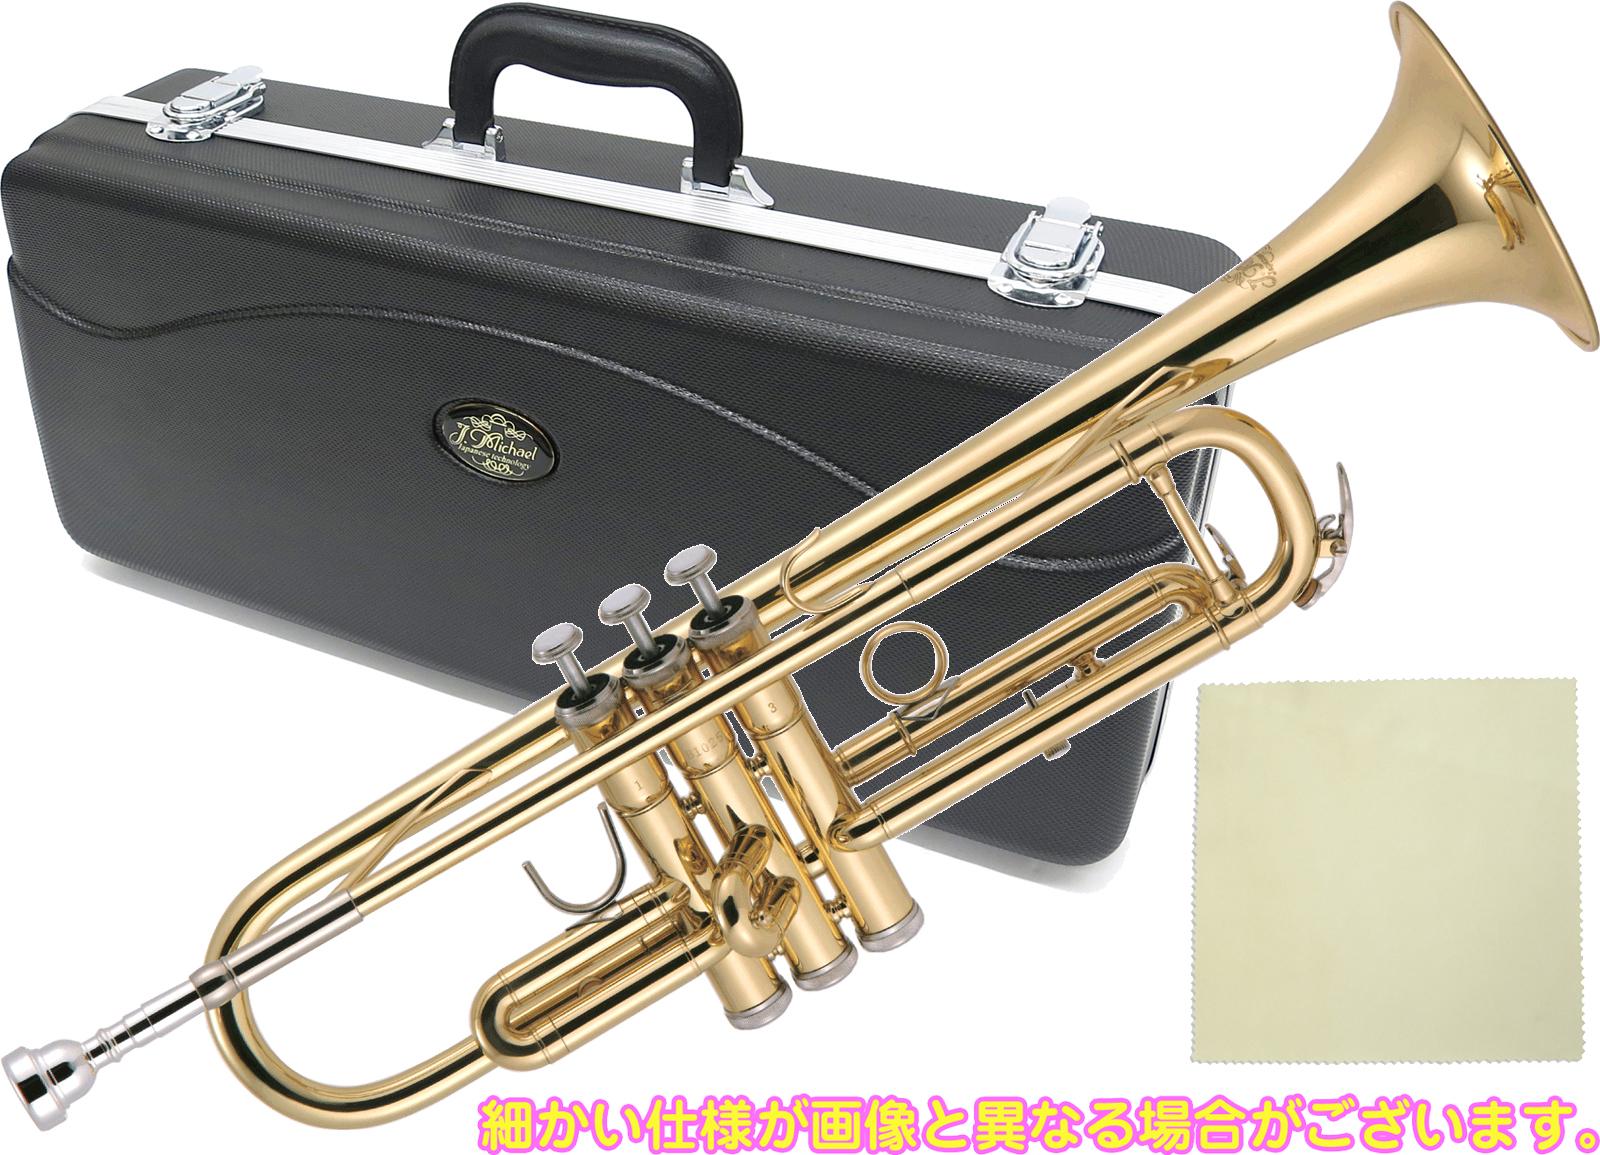 J Michael ( 新品 Jマイケル Trumpet ) TR-200 TR200 トランペット 新品 アウトレット 初心者 管楽器 管体 ゴールド スタンダード B♭ 本体 マウスピース ケース Trumpet TR200 送料無料, クロカワムラ:7caeecfb --- officewill.xsrv.jp